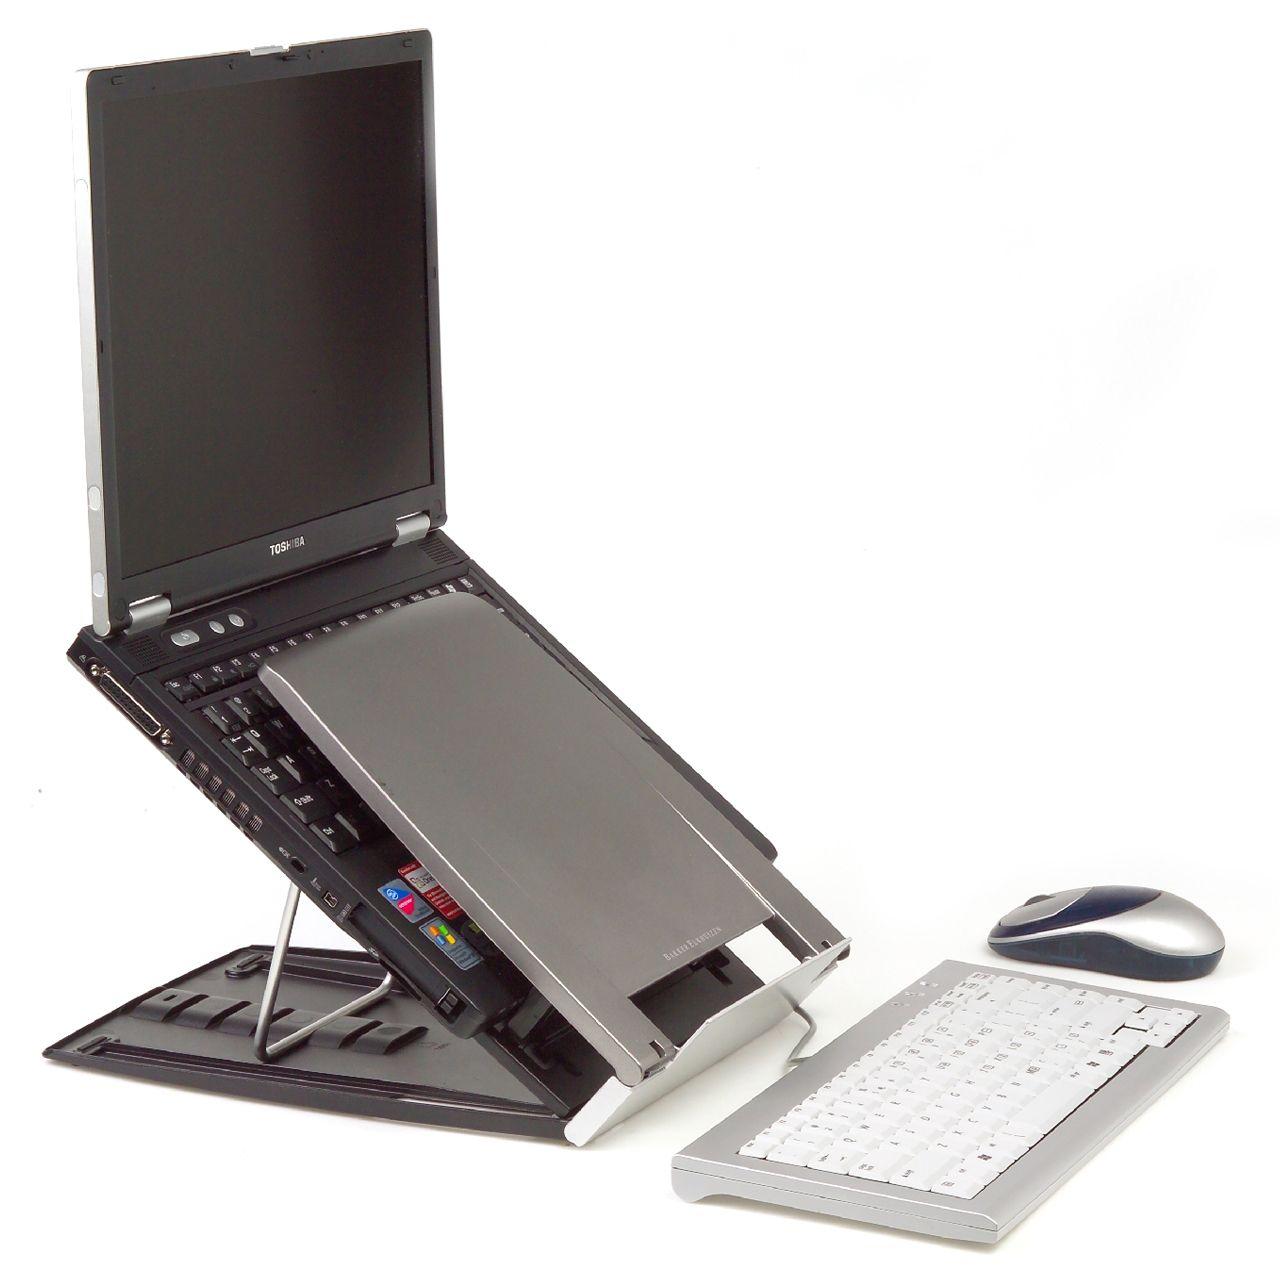 ergo q 330 laptophouder ERKAQ3365 Zijkant met laptop